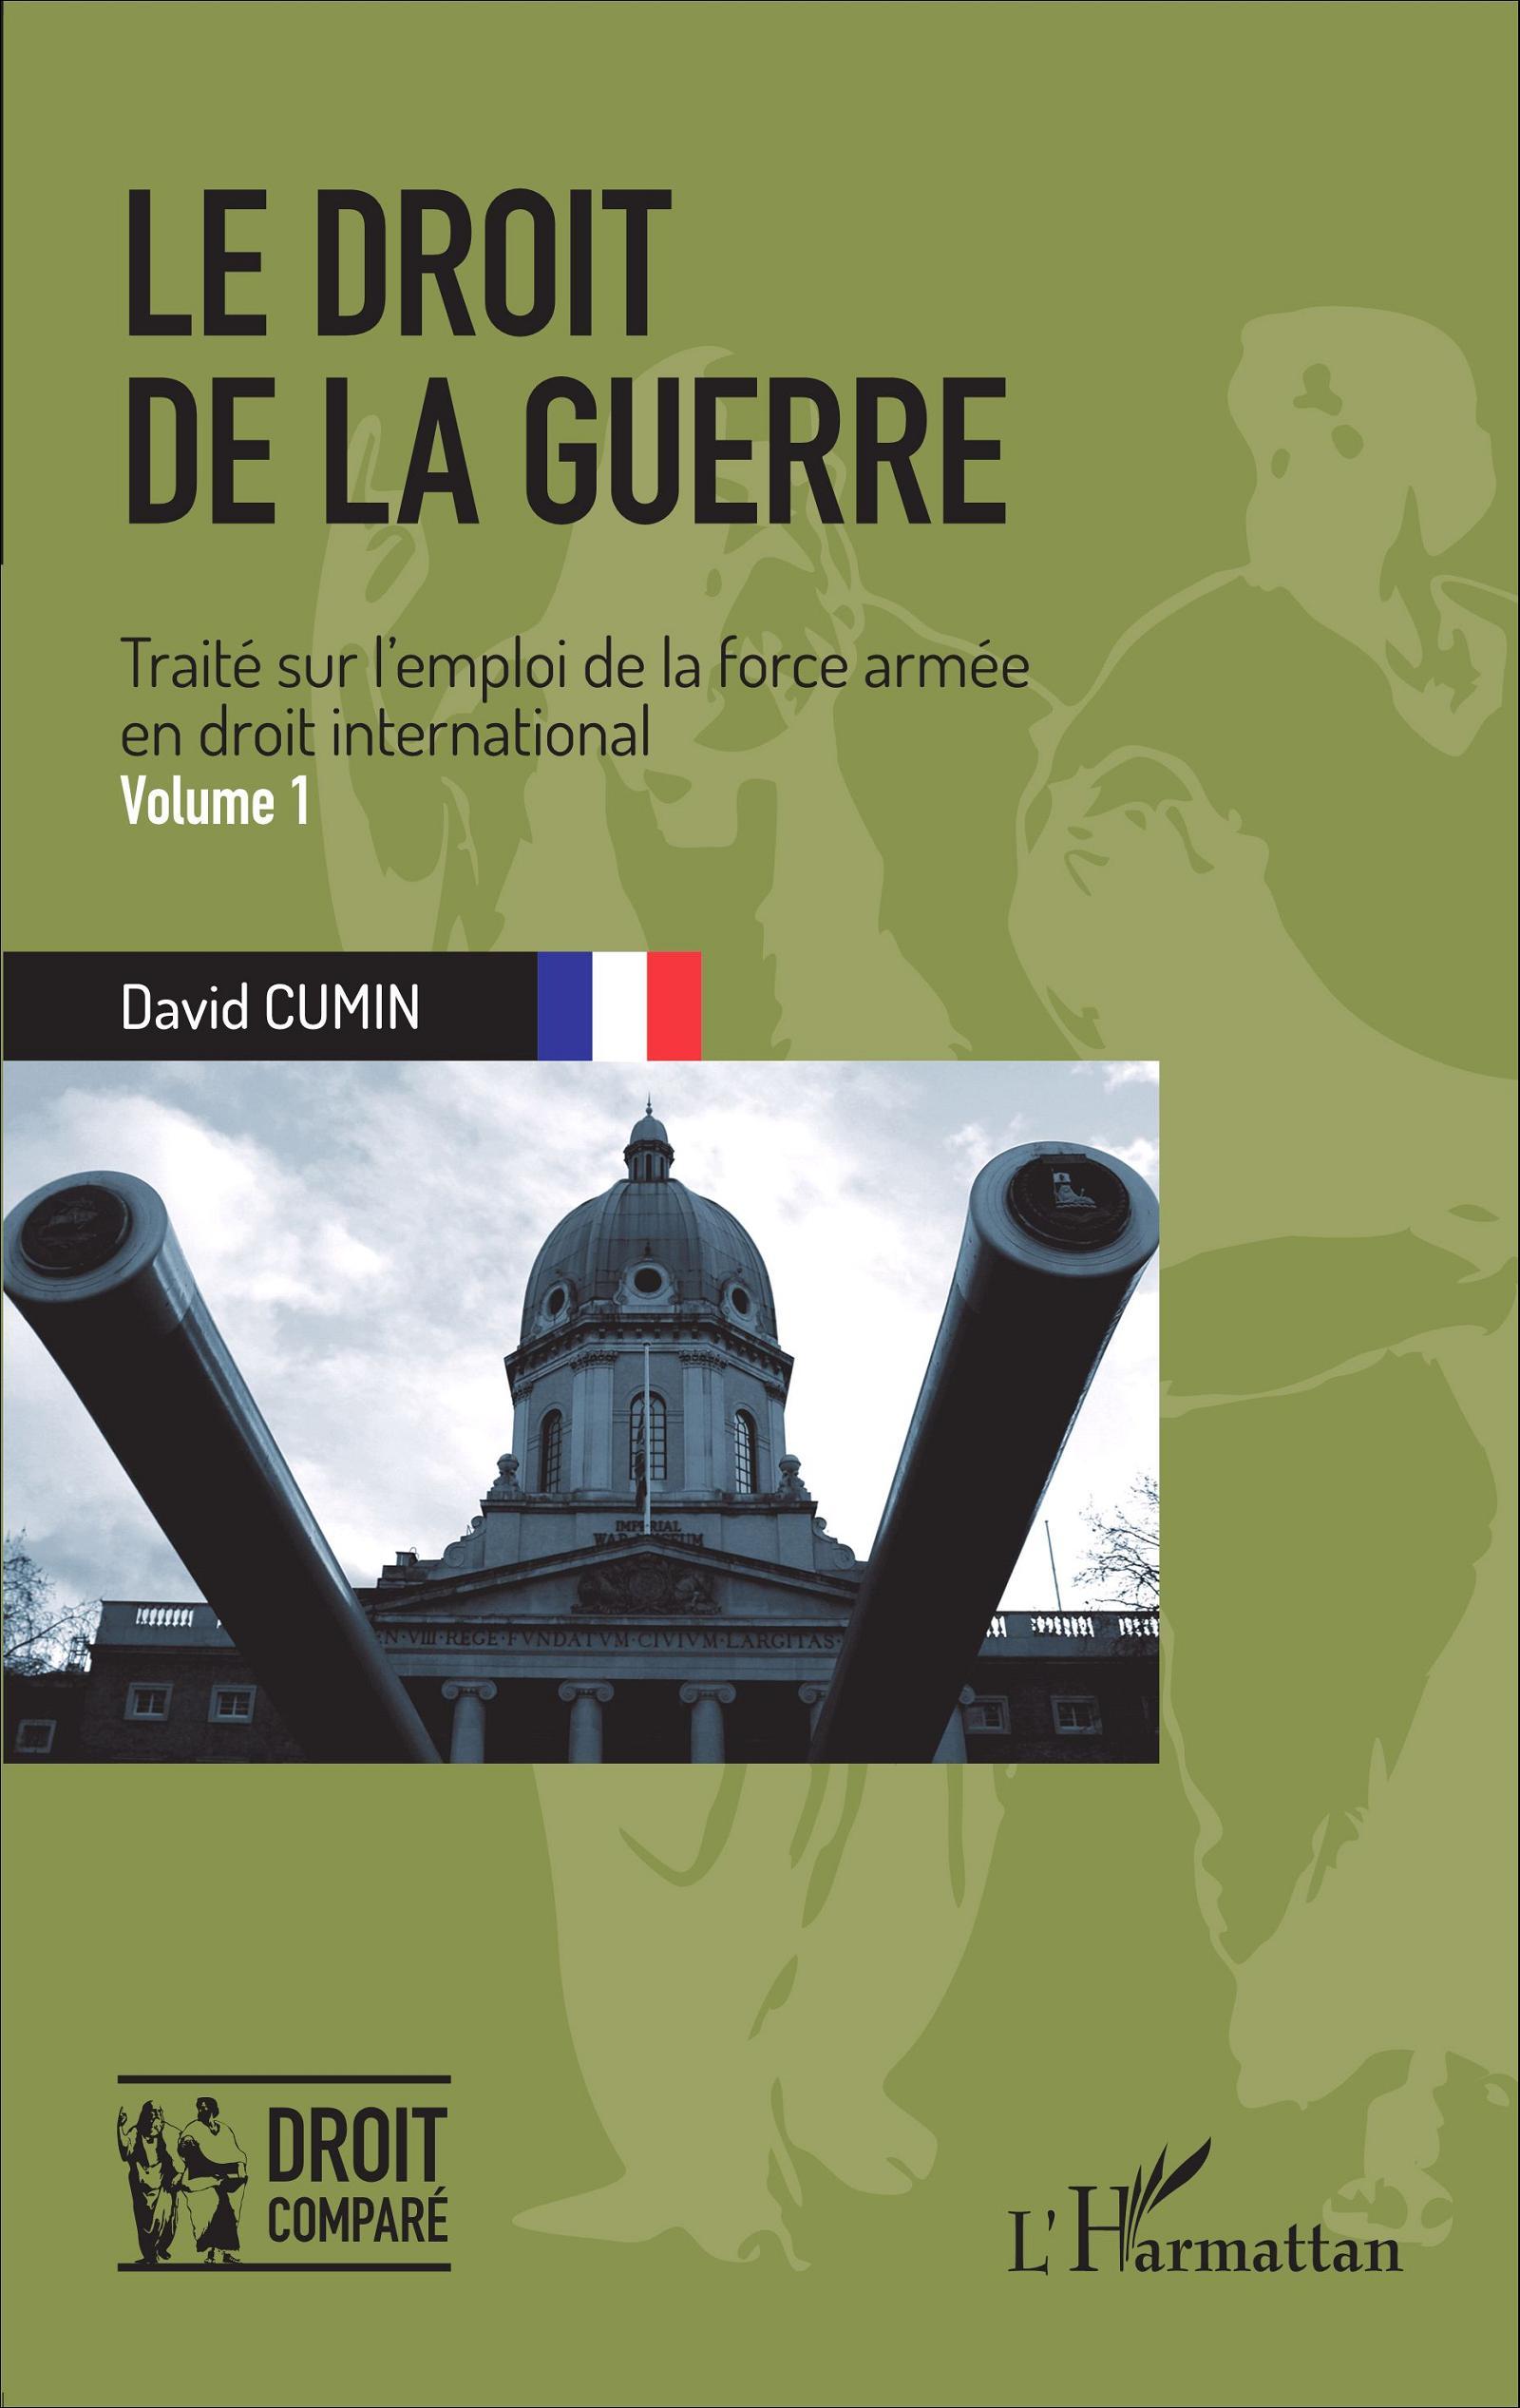 couverture publication le droit de la guerre